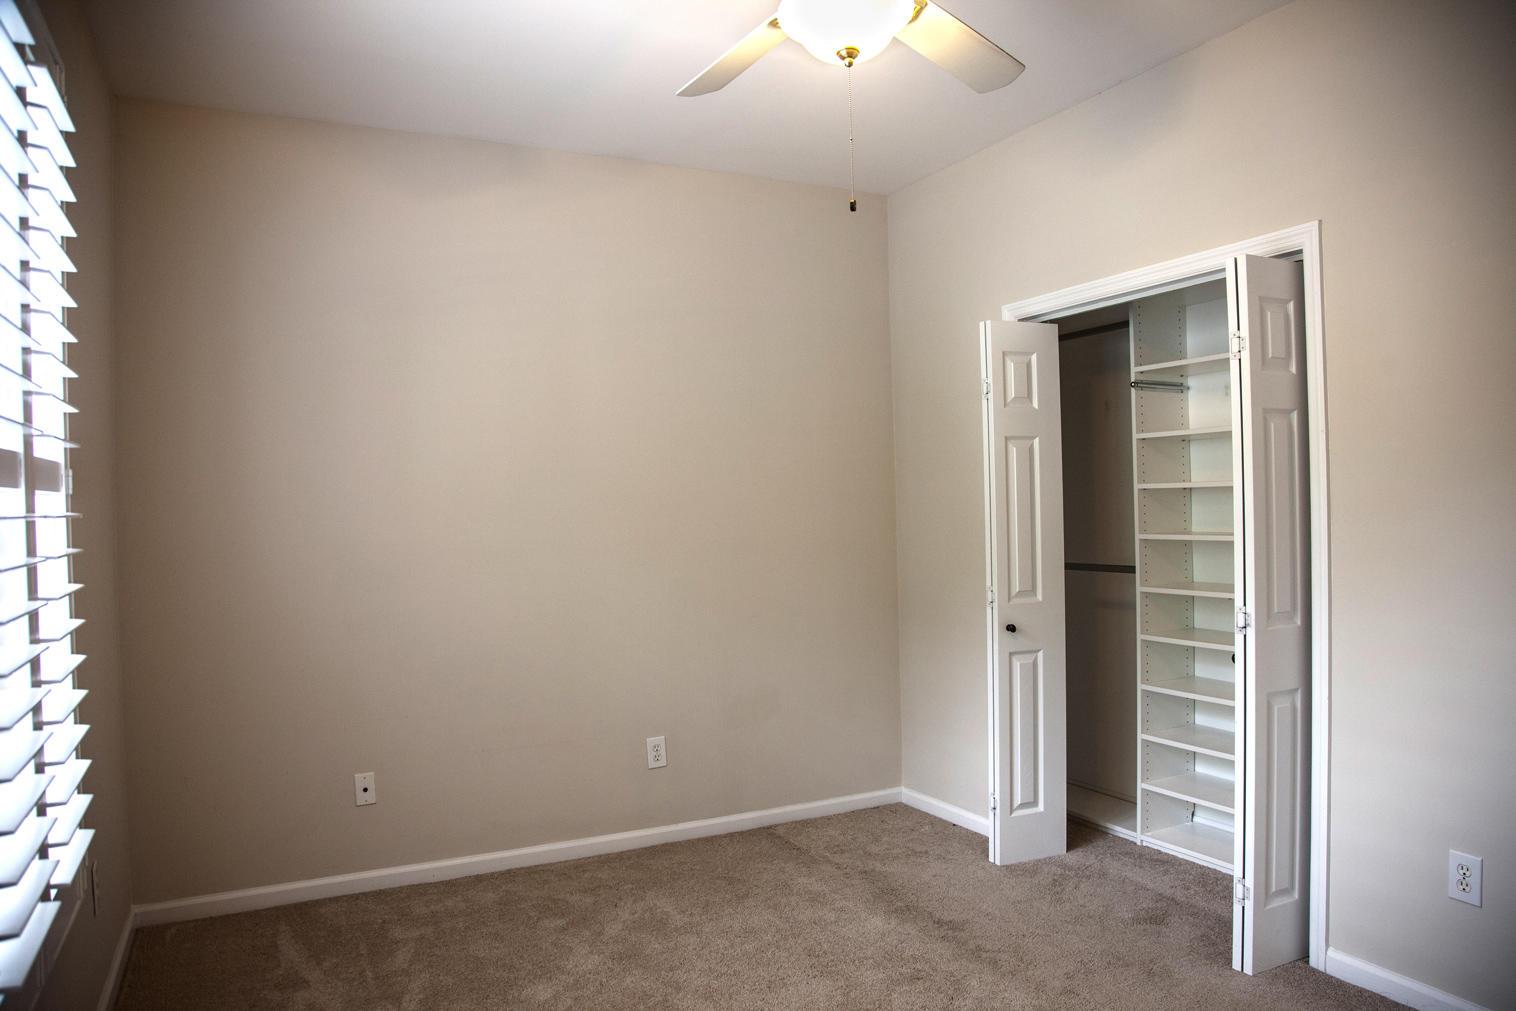 Park West Homes For Sale - 3190 John Bartram Place, Mount Pleasant, SC - 32